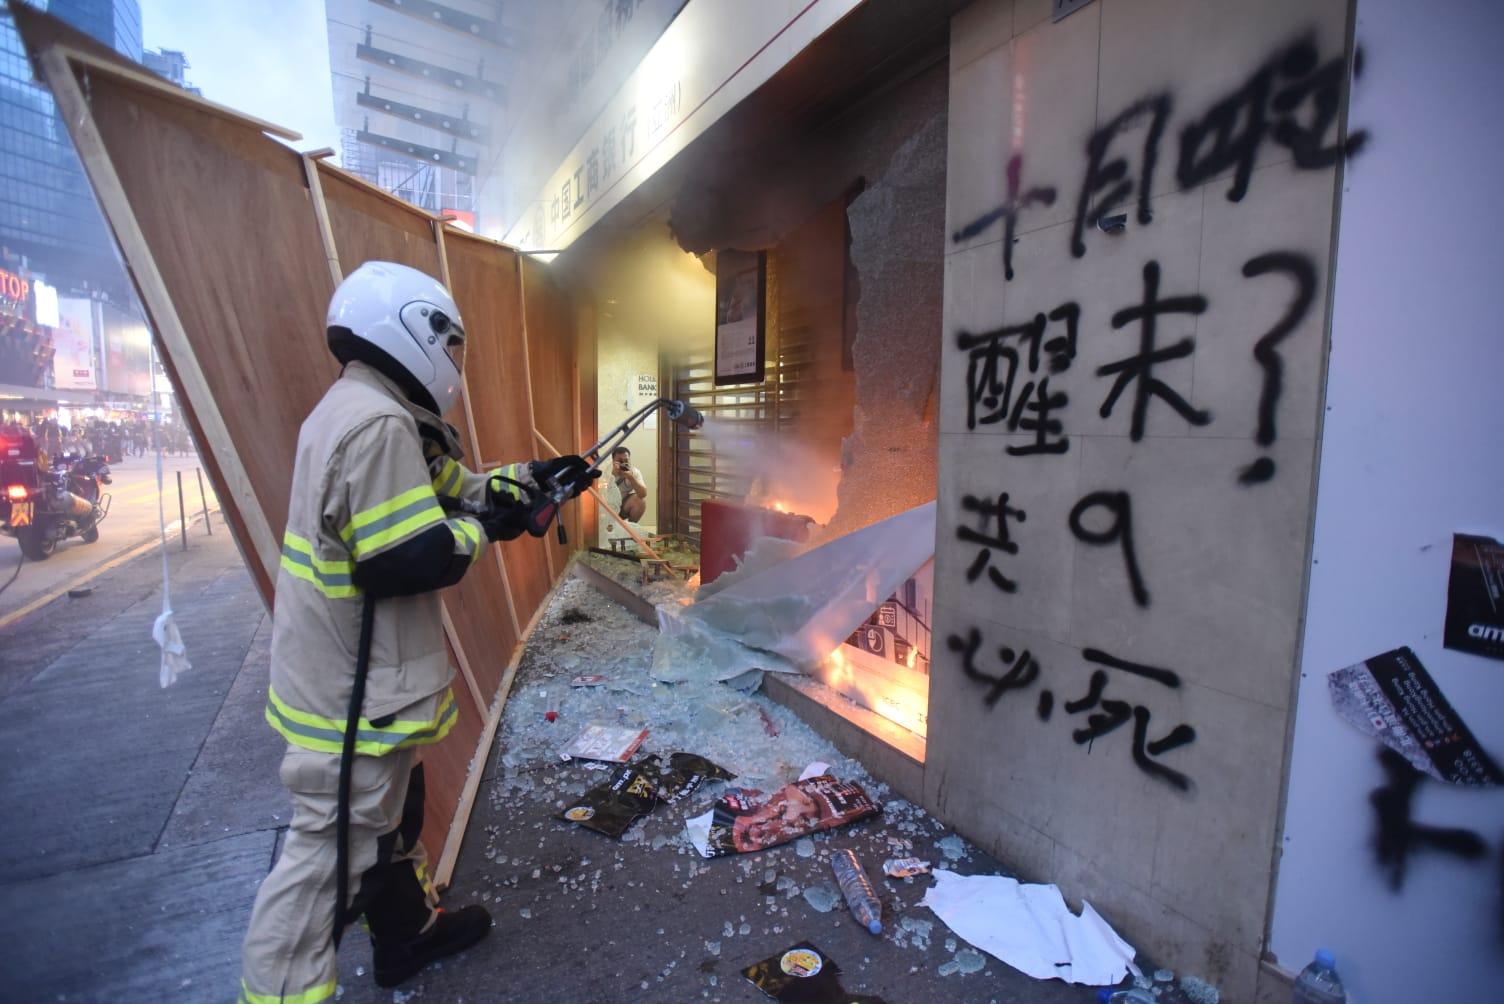 示威者破壞銀行。黃文威攝